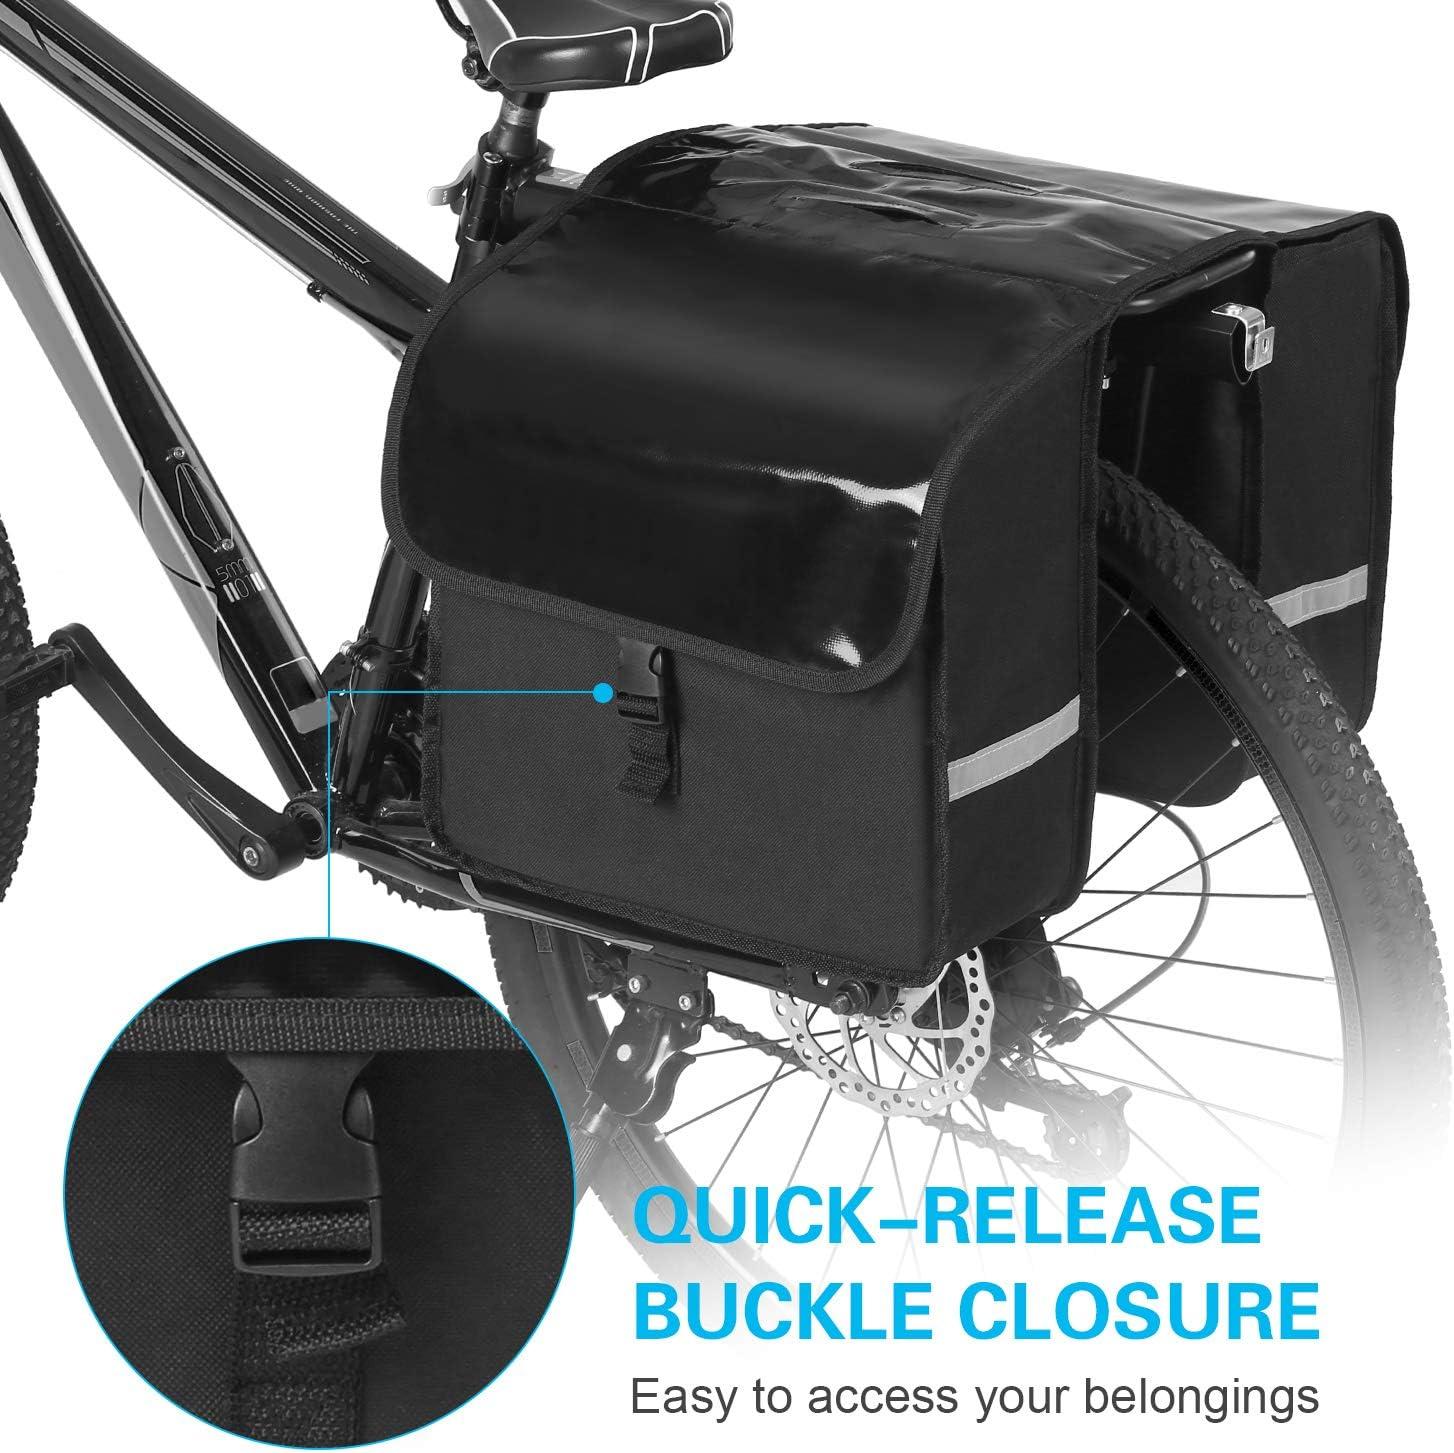 Coffre Explopur Bike Rack Bag Coffre /à Bagages imperm/éable Sacoche de si/ège arri/ère pour v/élo /à v/élo